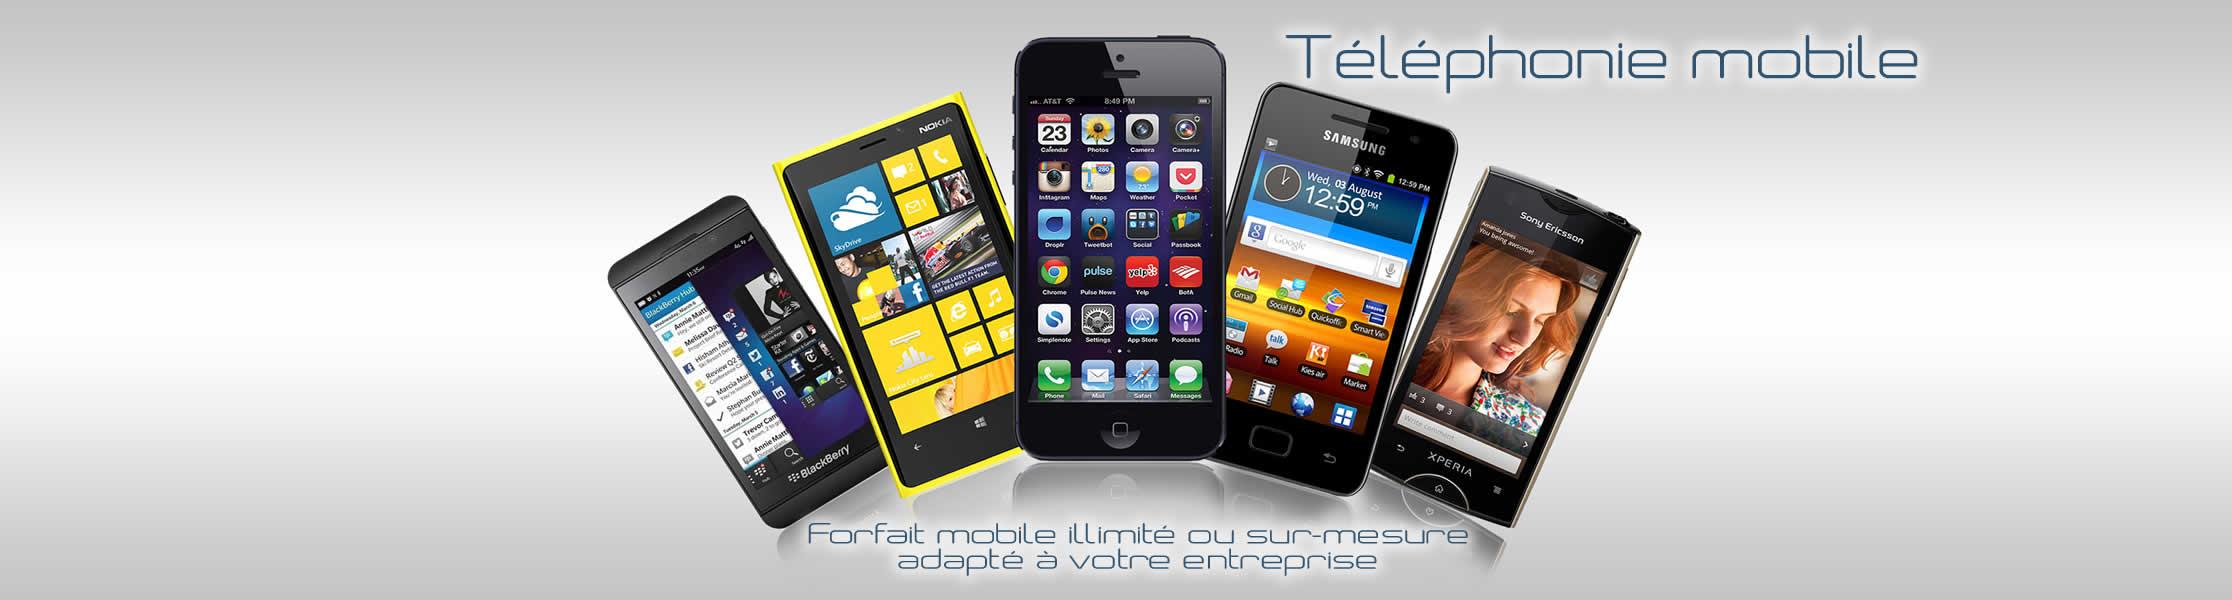 mobile 2.jpg